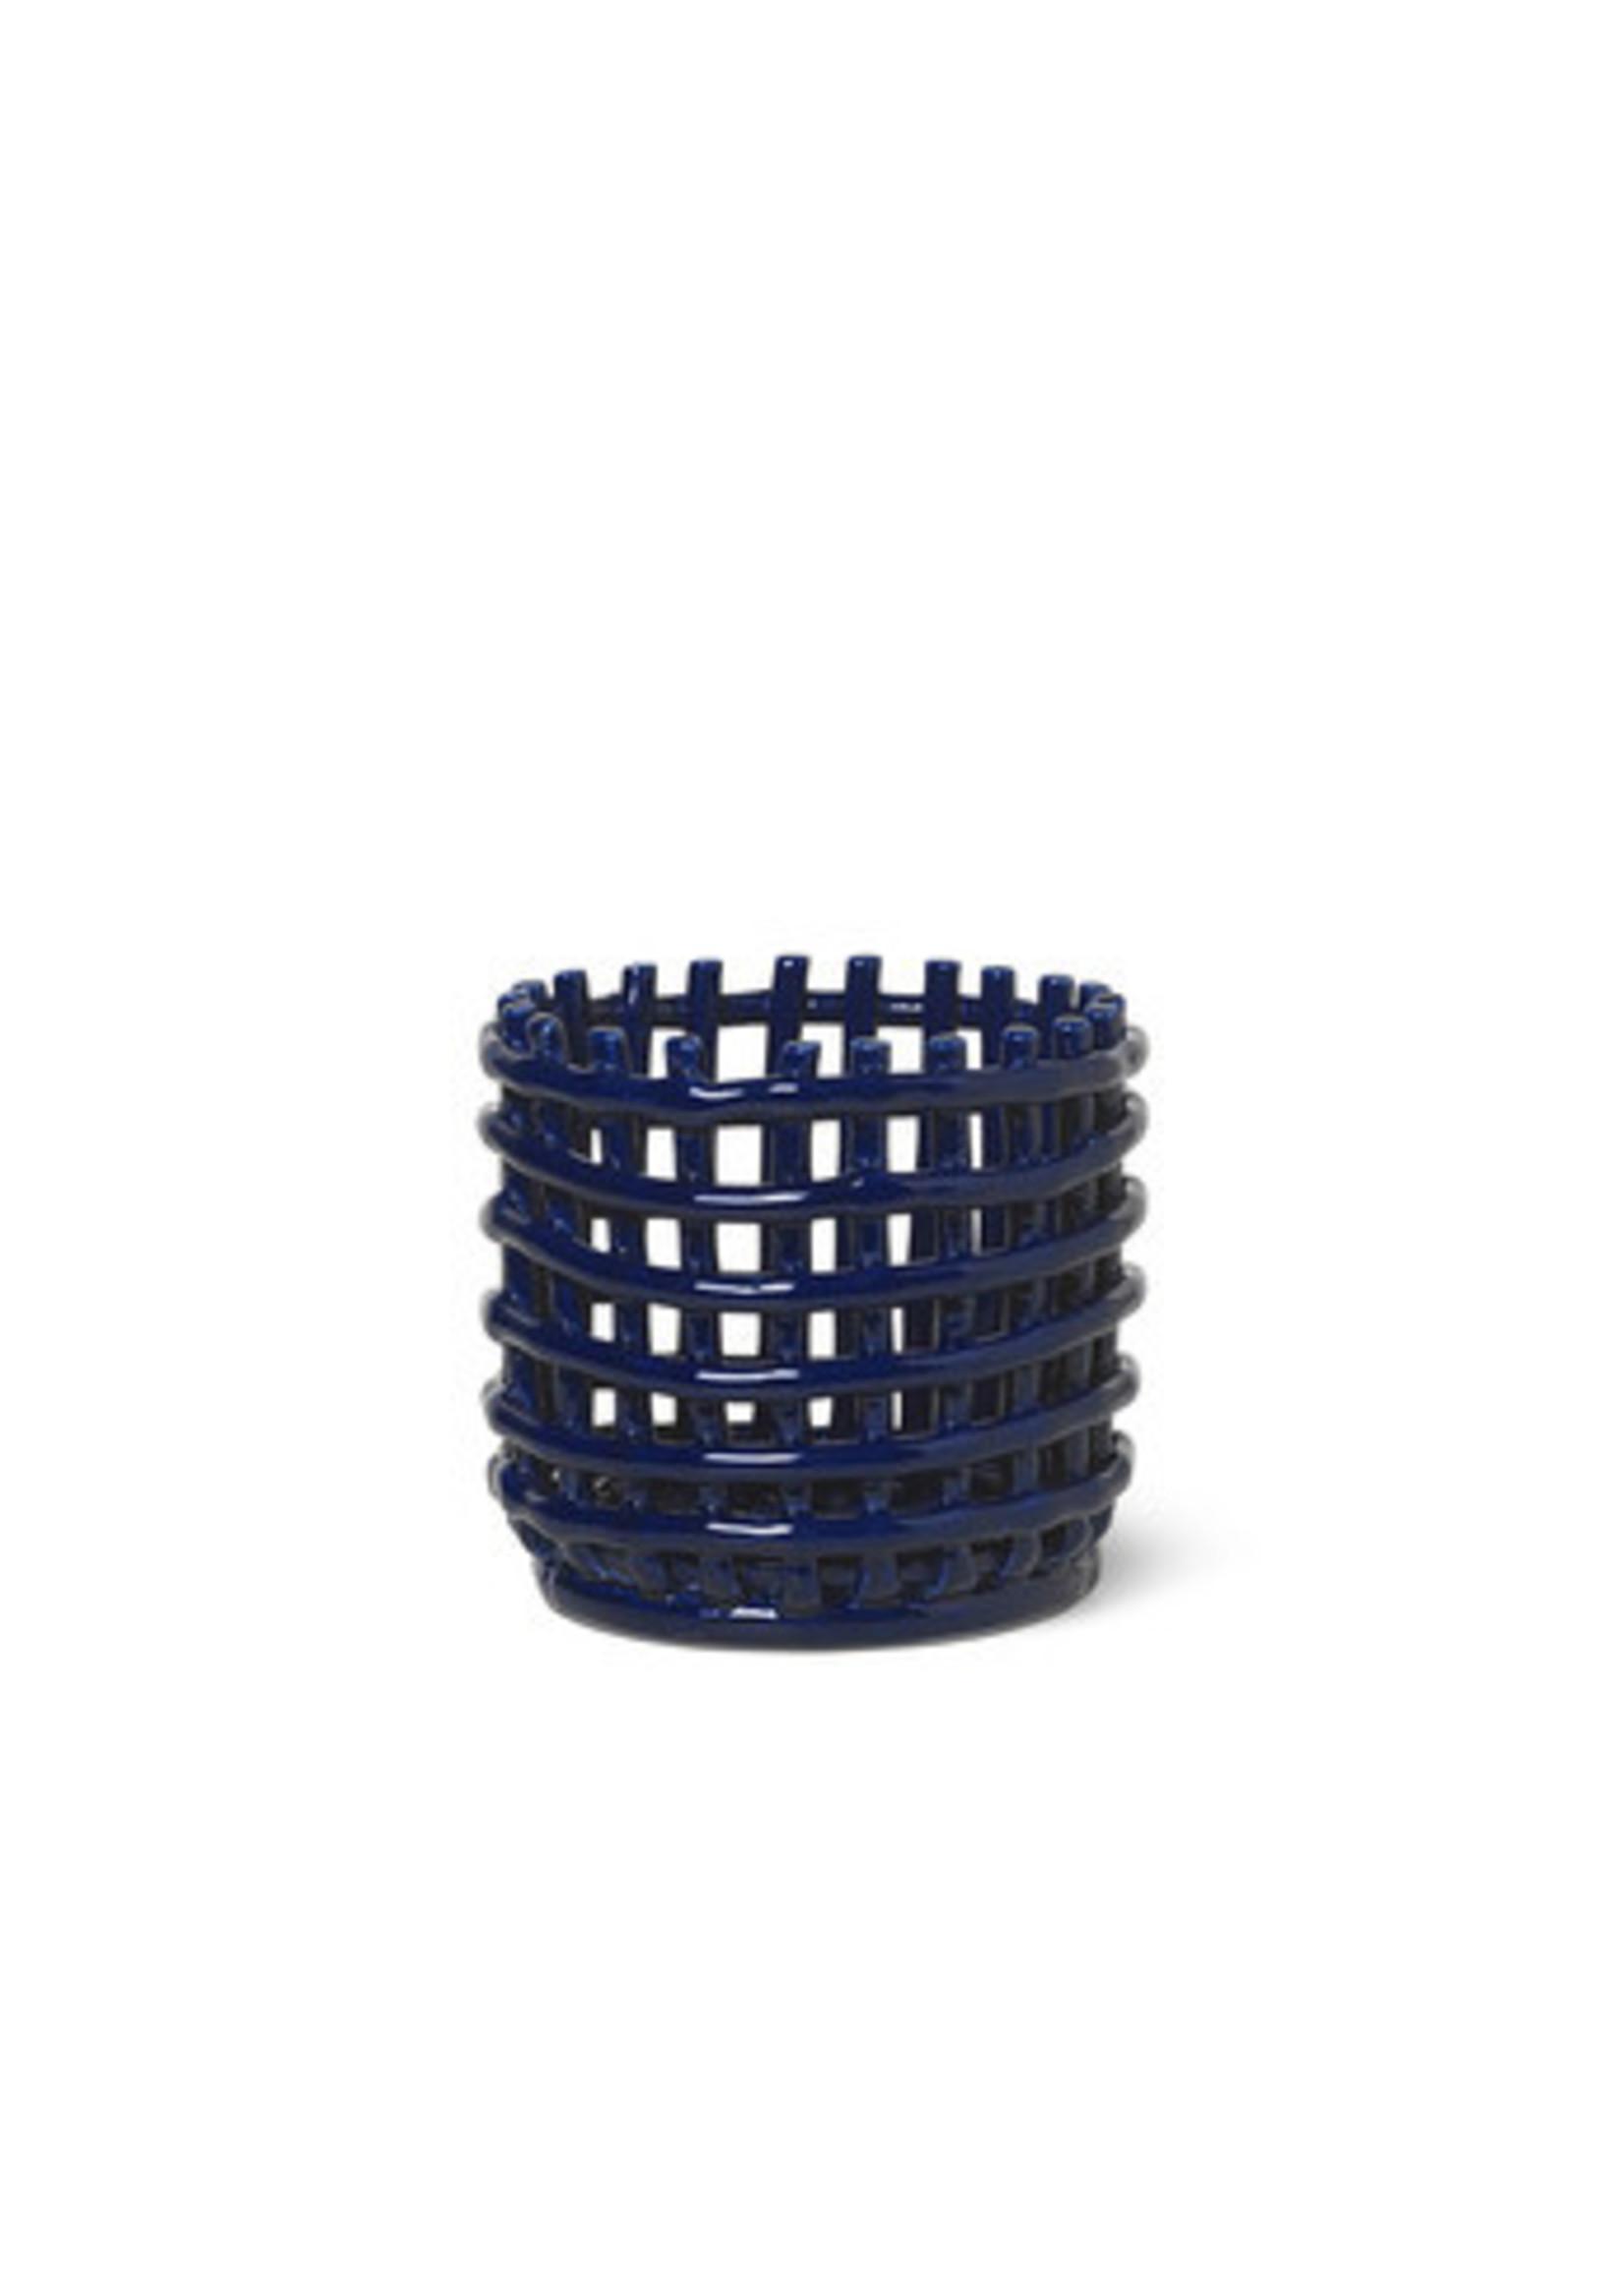 ferm LIVING ferm LIVING Ceramic Basket - Small - Blue